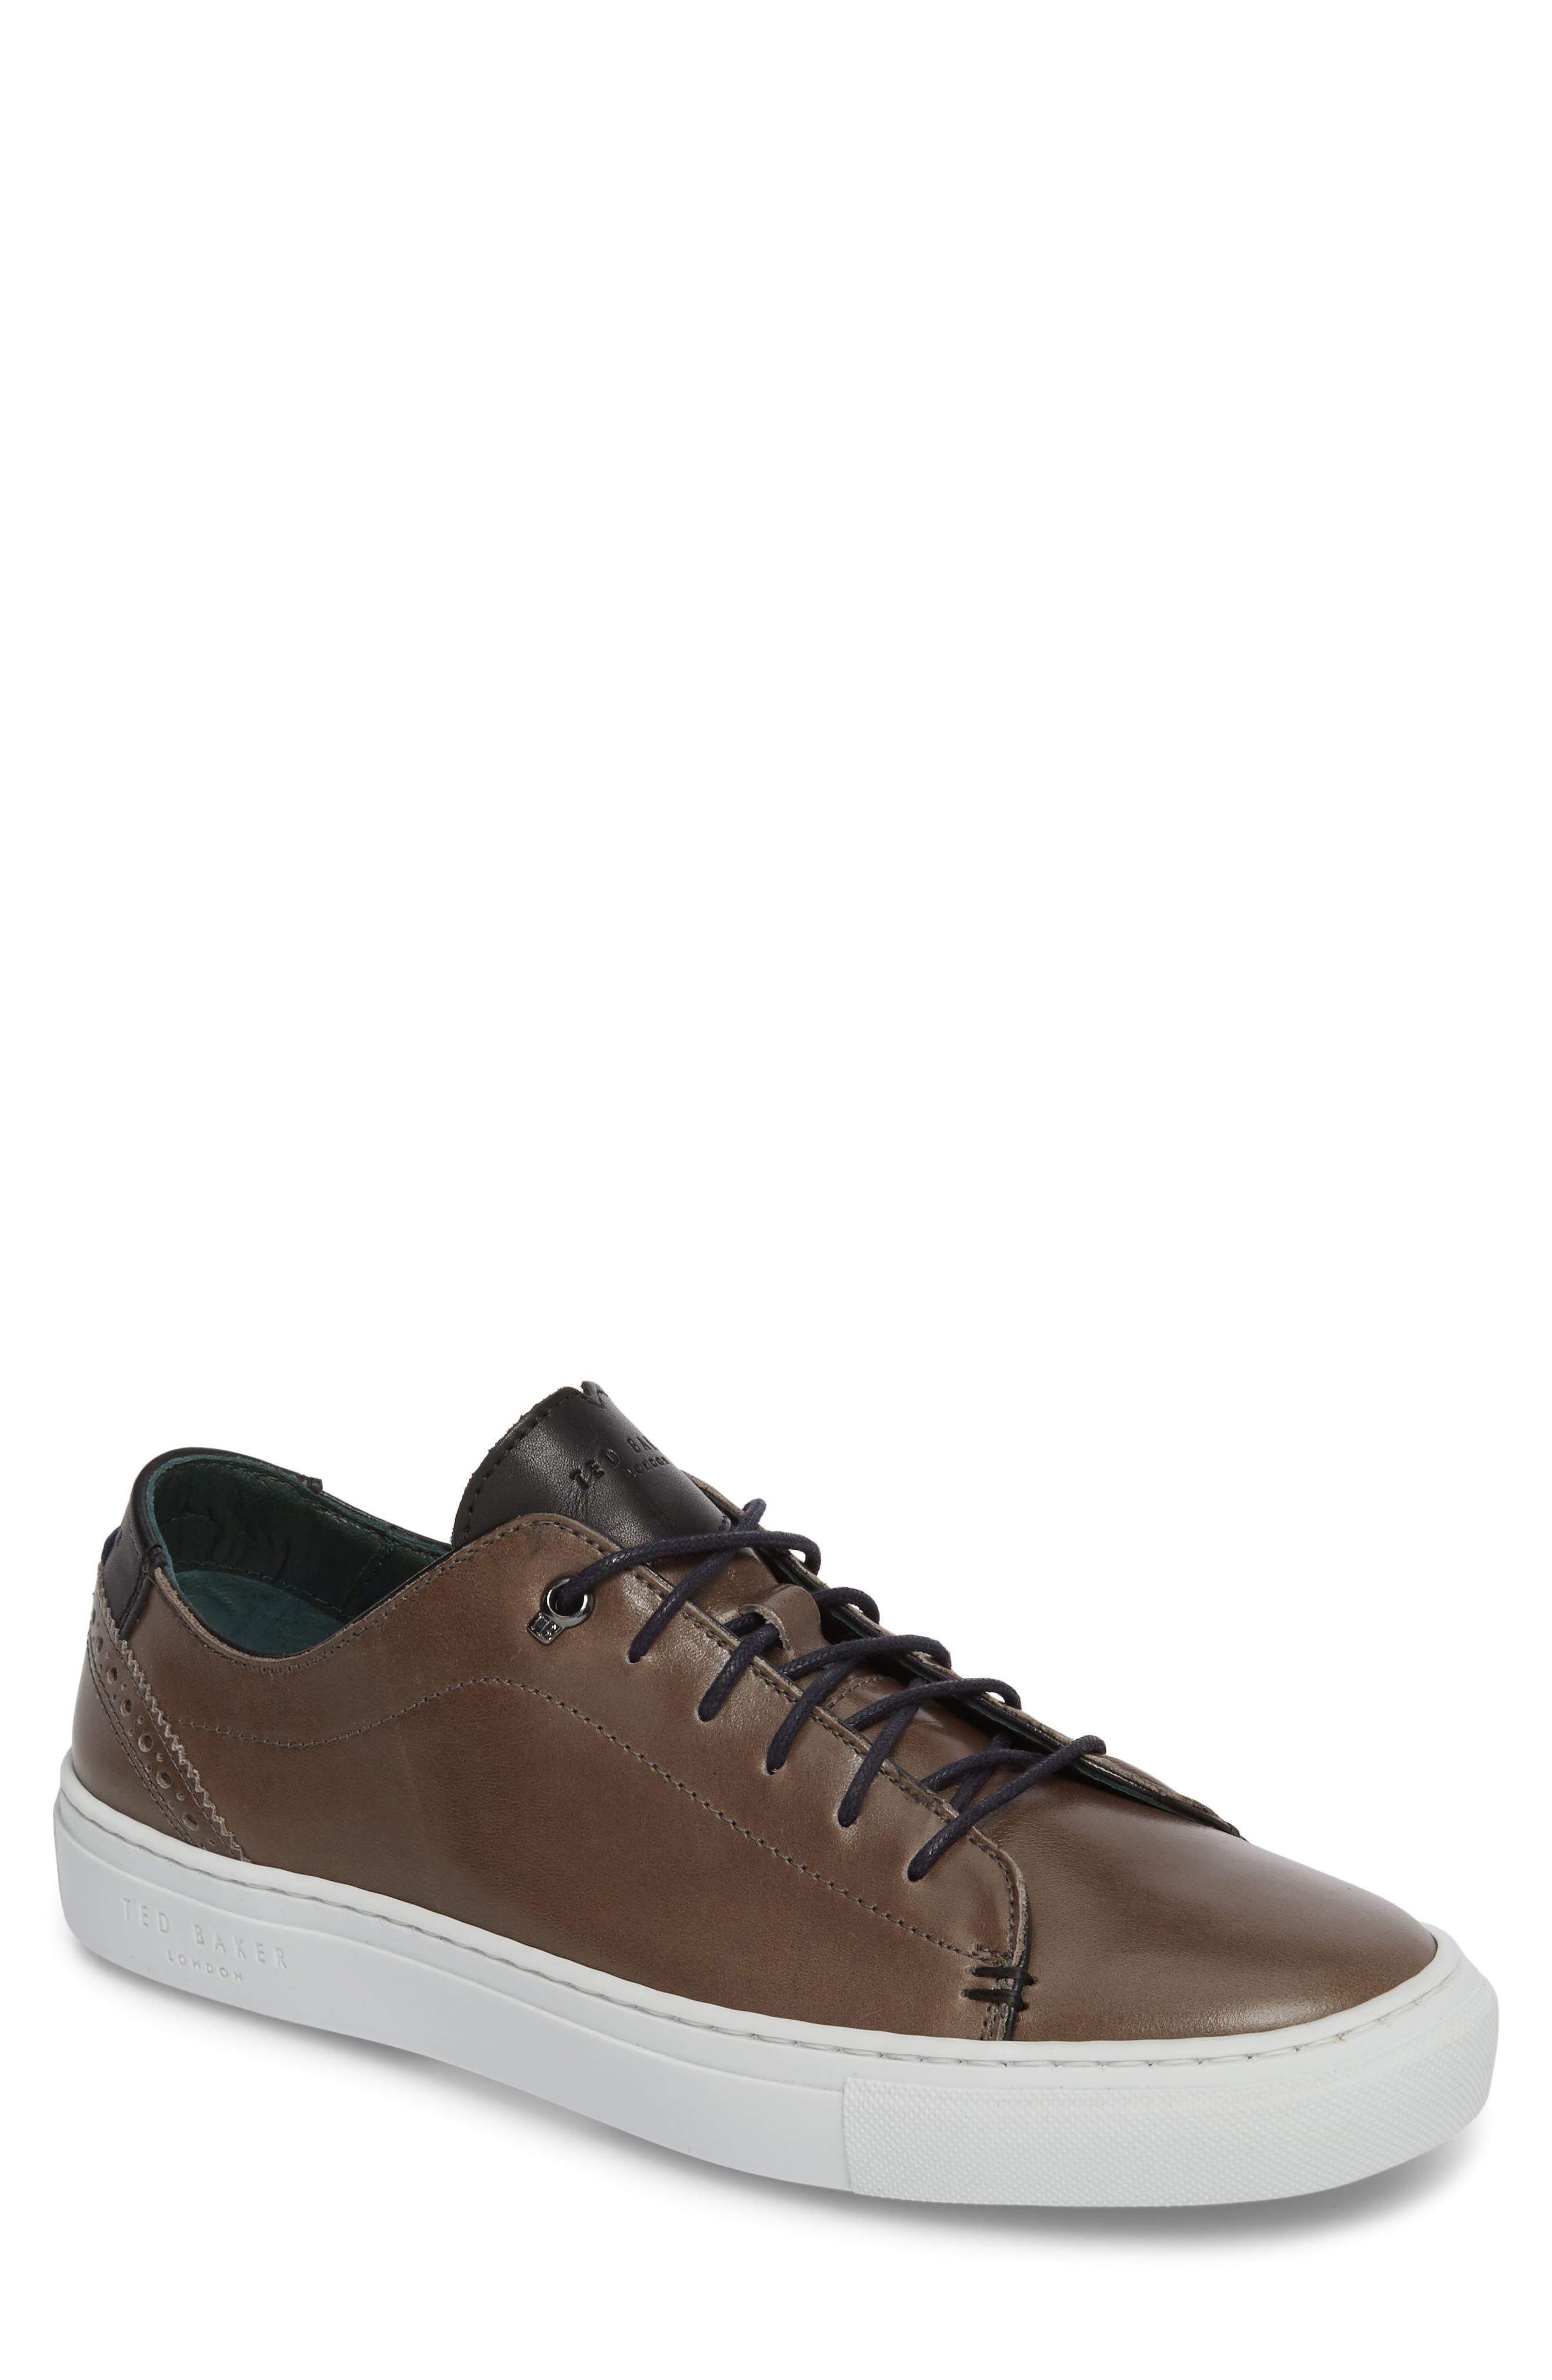 Main Image - Ted Baker London Duuke 2 Sneaker (Men)